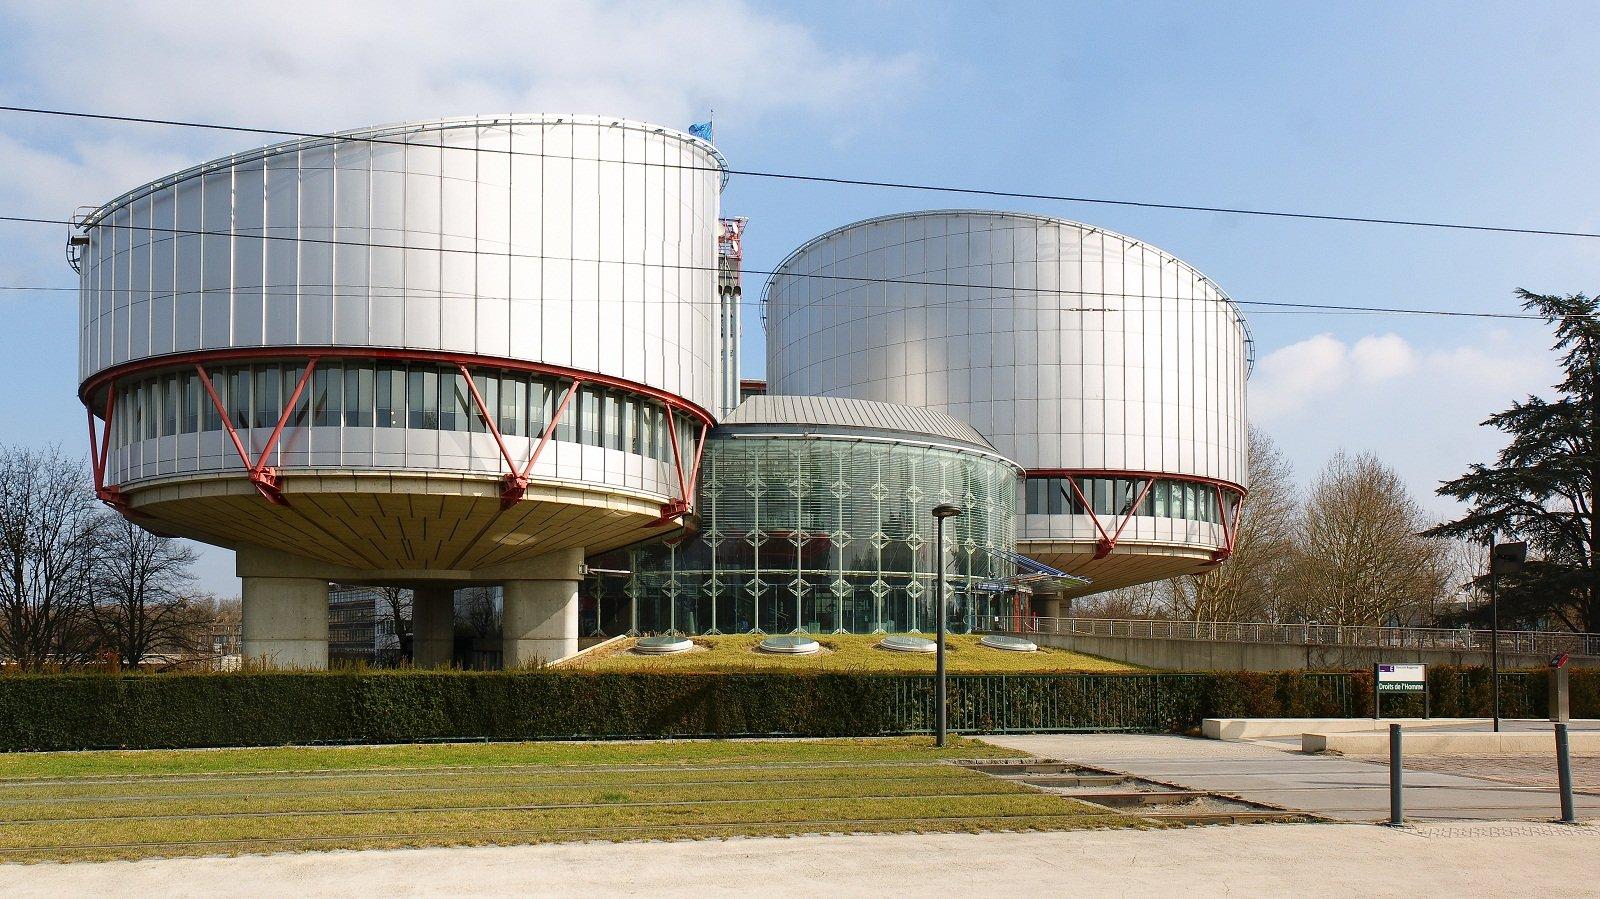 ЕСПЧ присудил 300 тыс. евро осуждённым забеспорядки нацболам